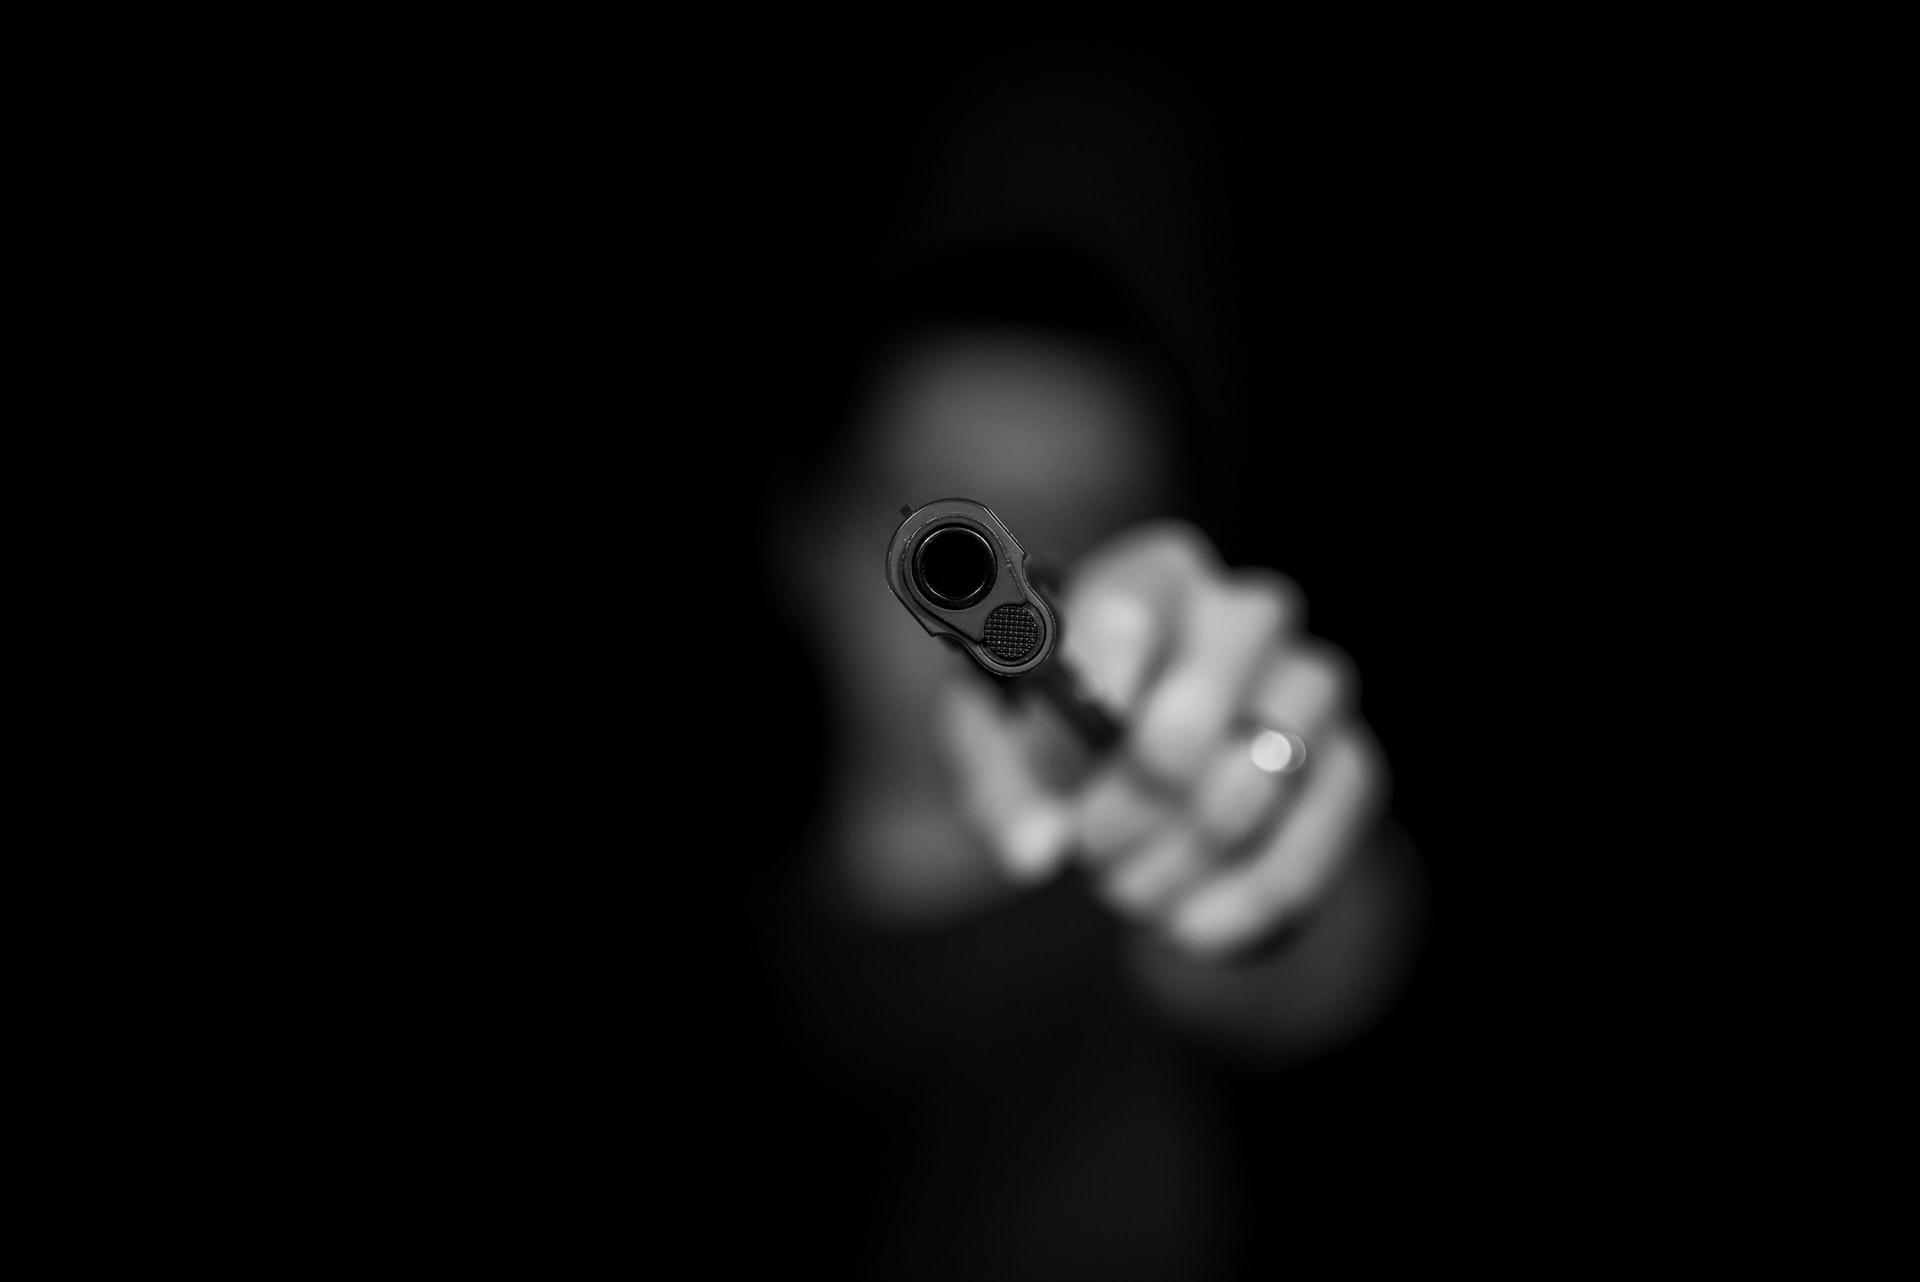 Tartışmanın ardından kan aktı! Kızını ve torunlarını öldürdü, aynı silahla intihar etti